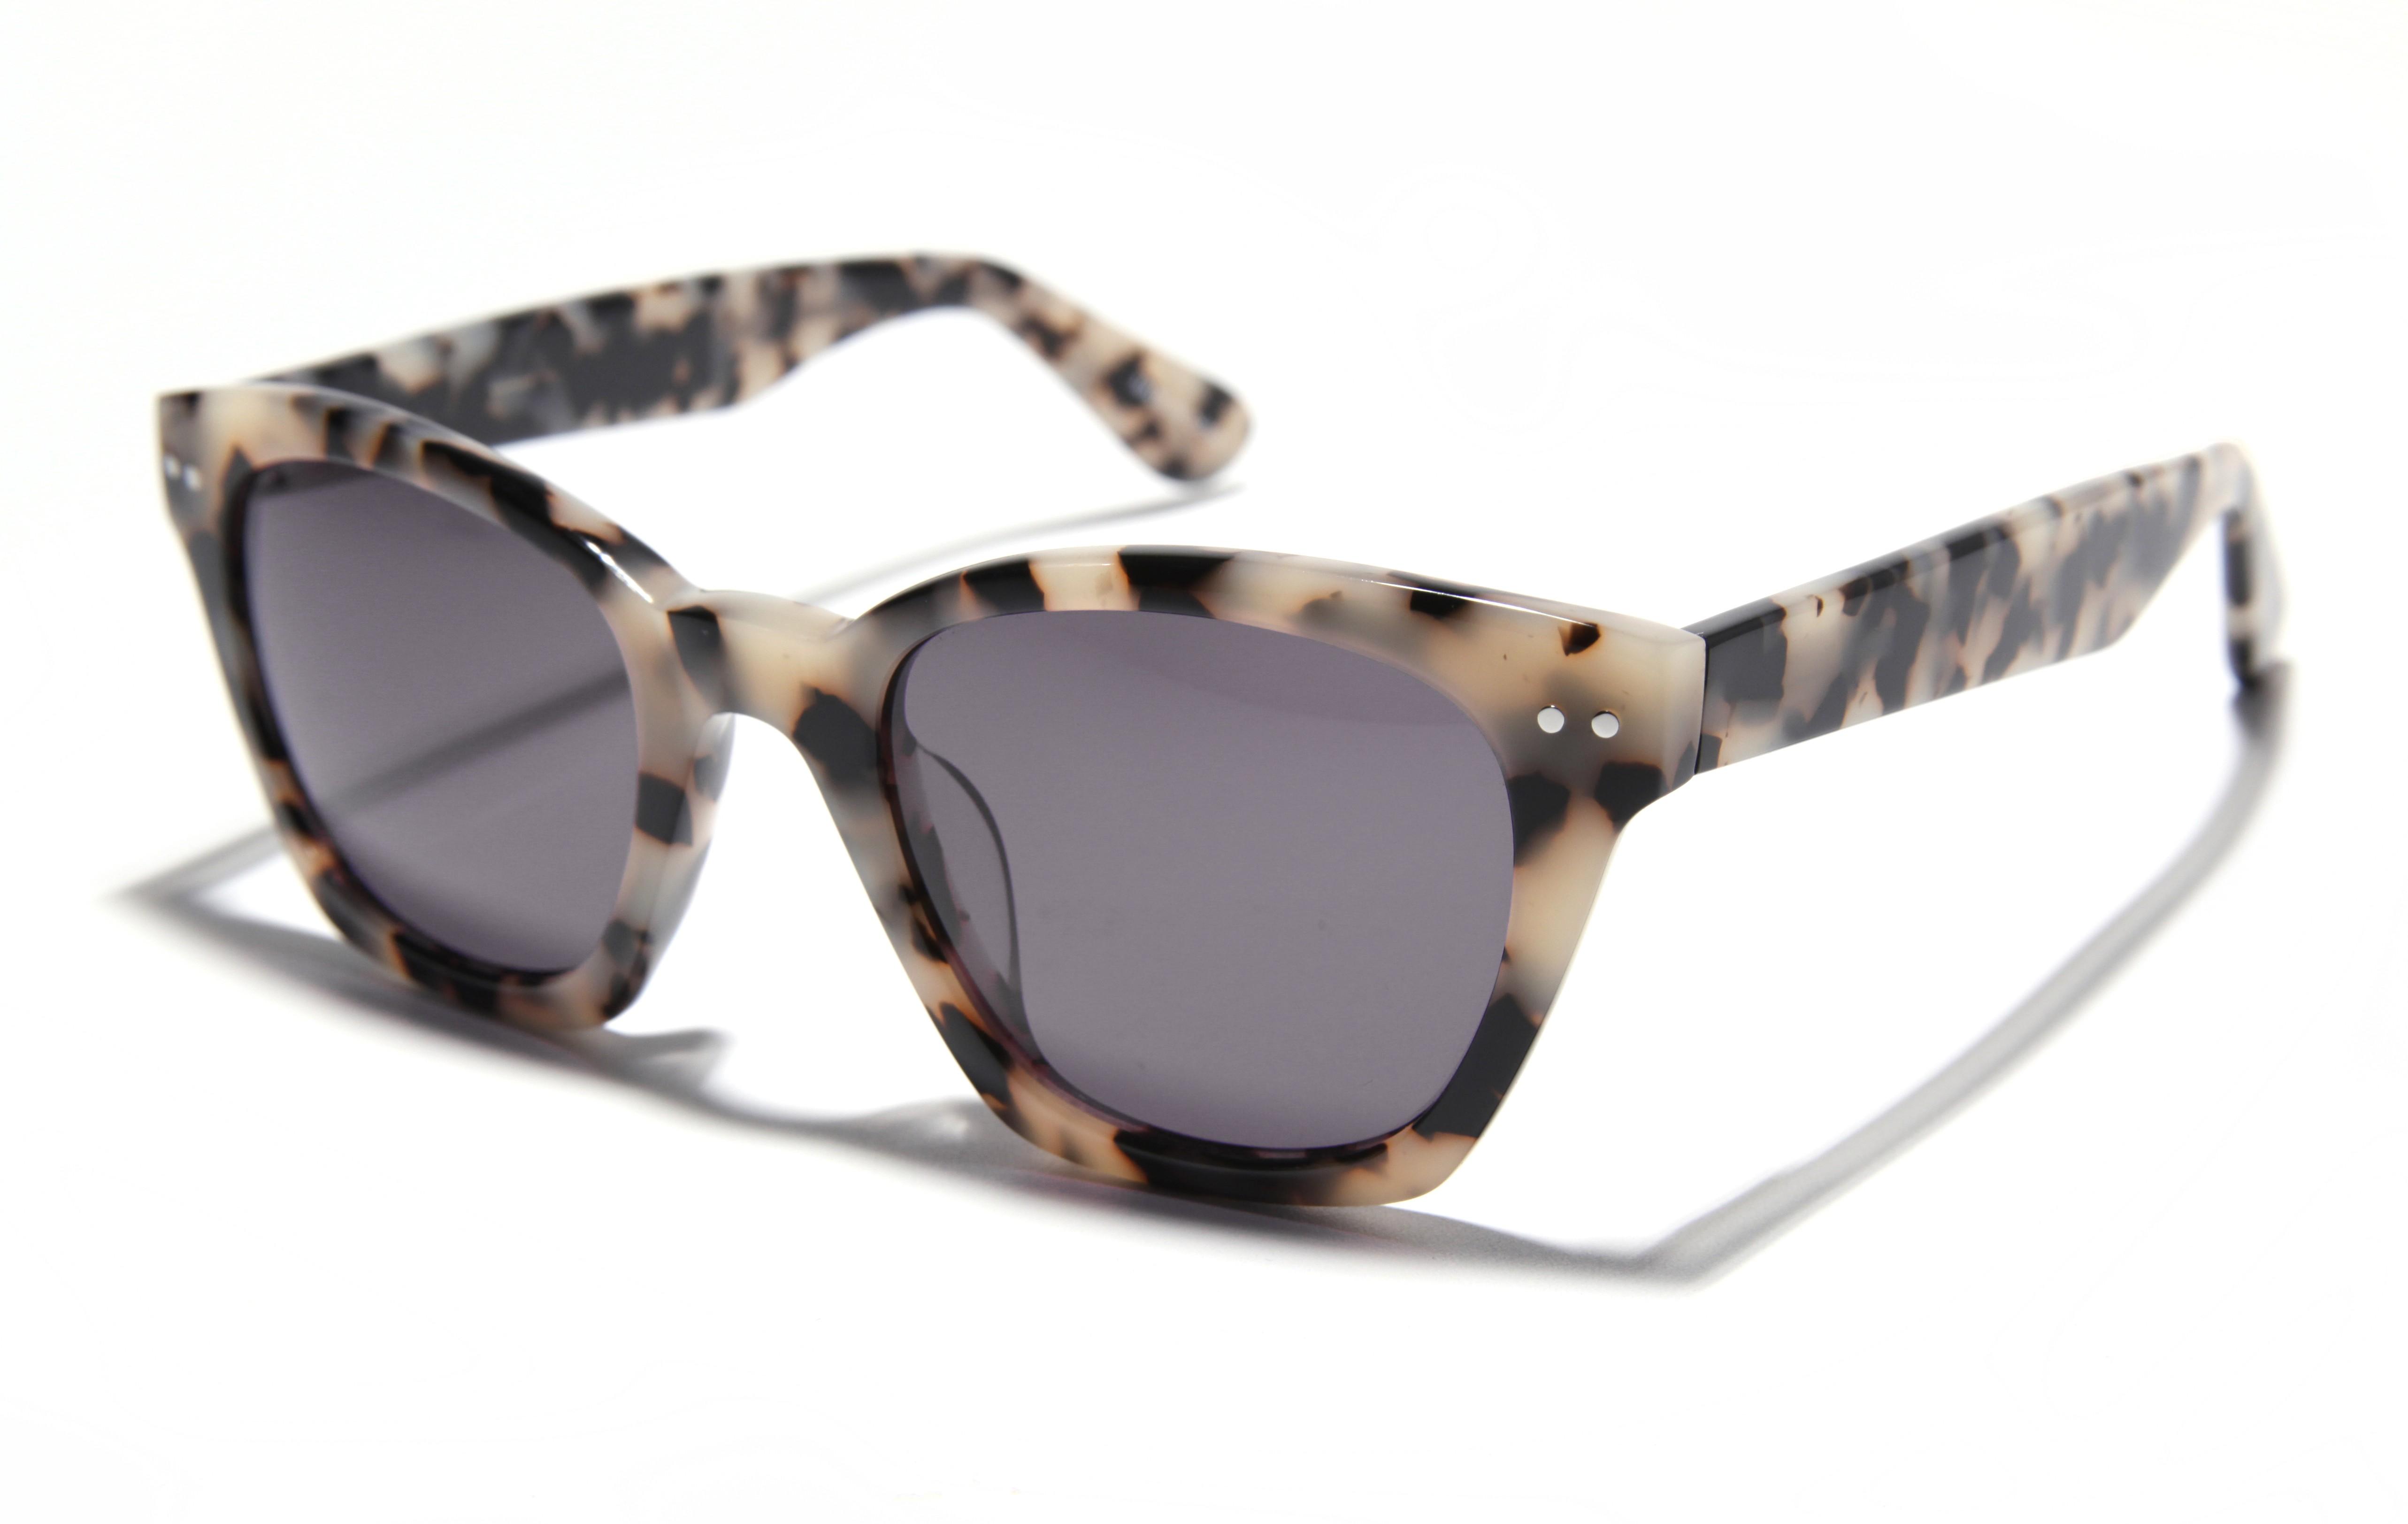 Skylar White Tort - Best Selling Sunglasses - Predesigned Glasses